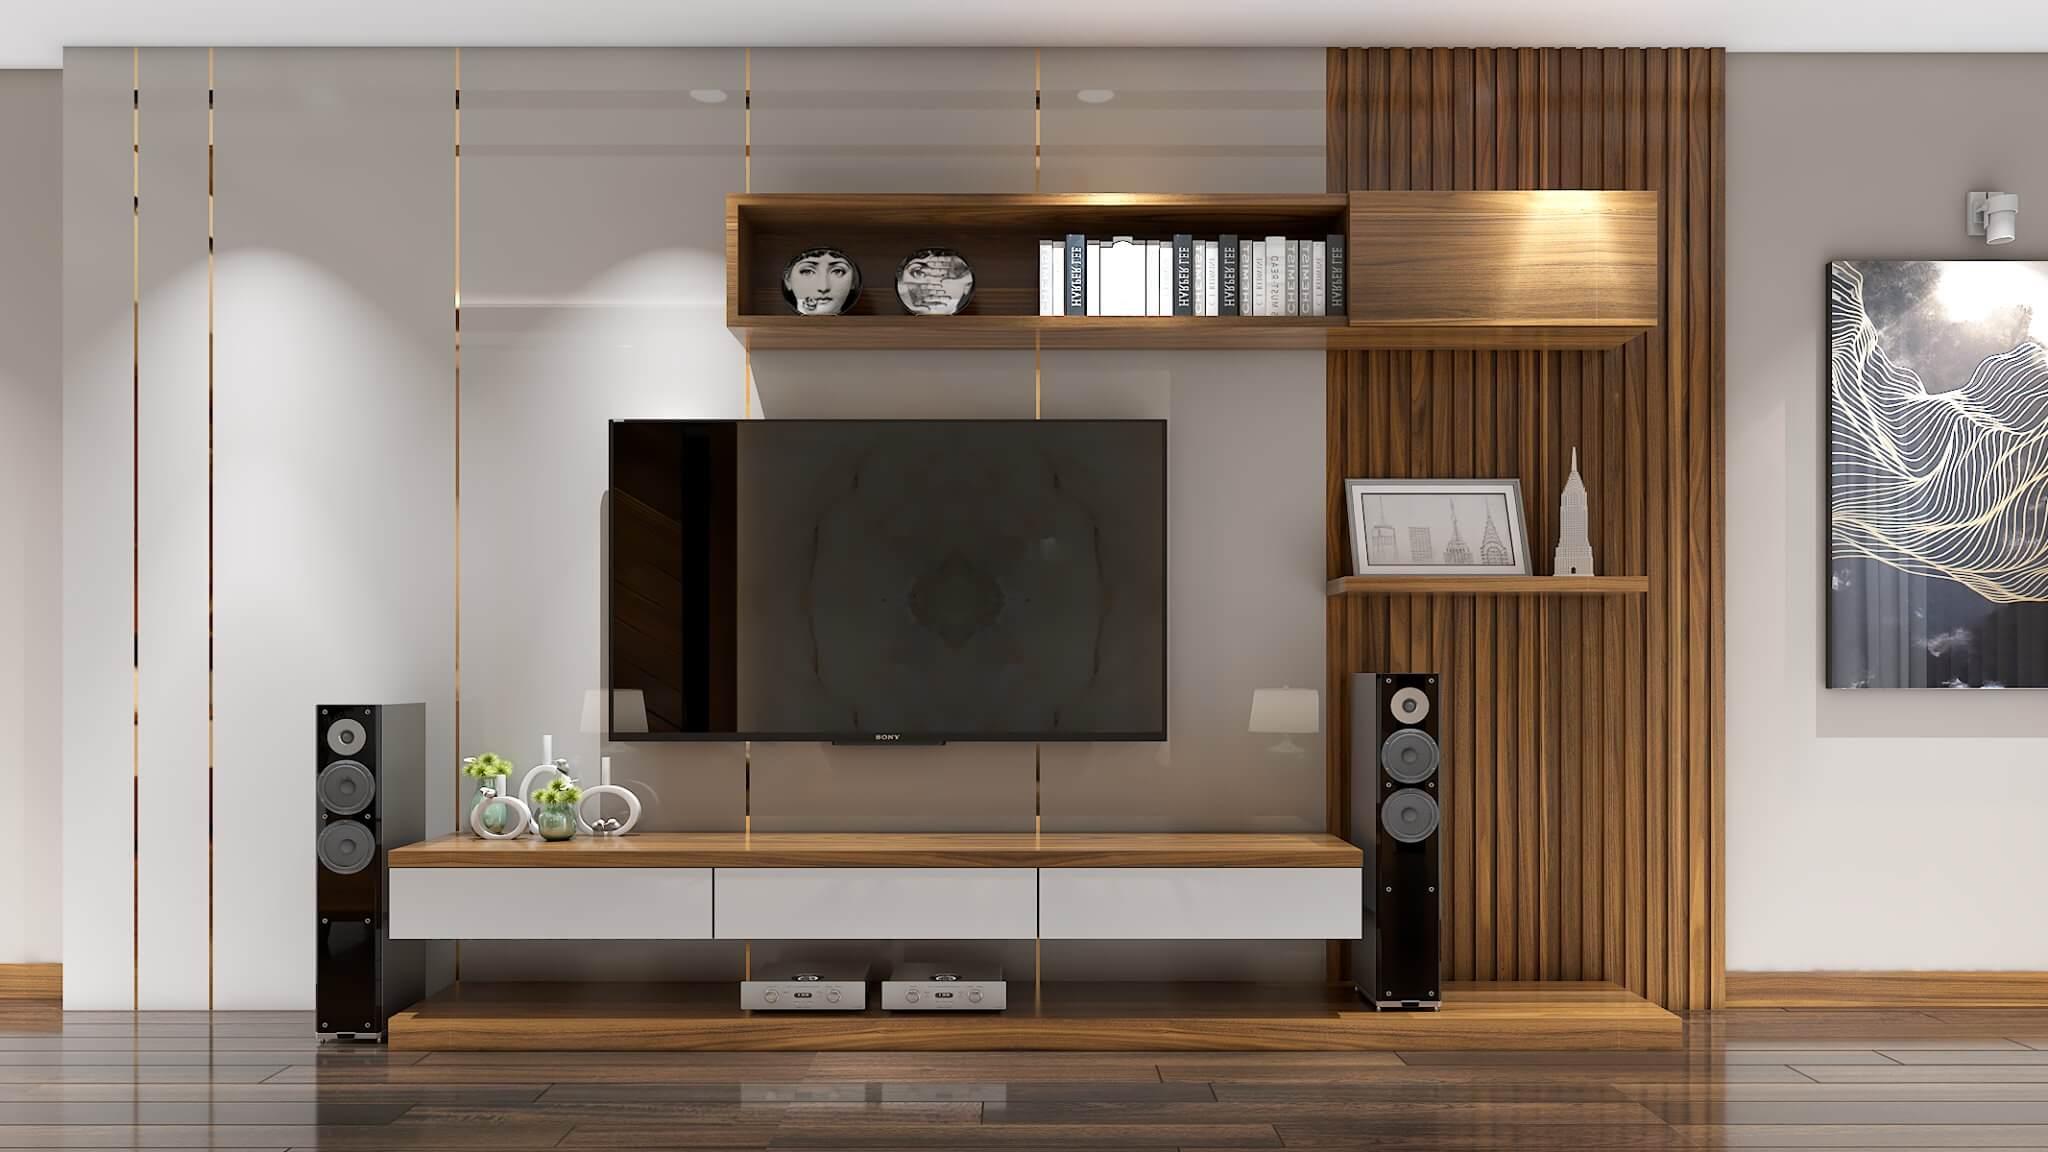 Vách ốp và kệ ti vi ở phòng khách được thiết kế đơn giản